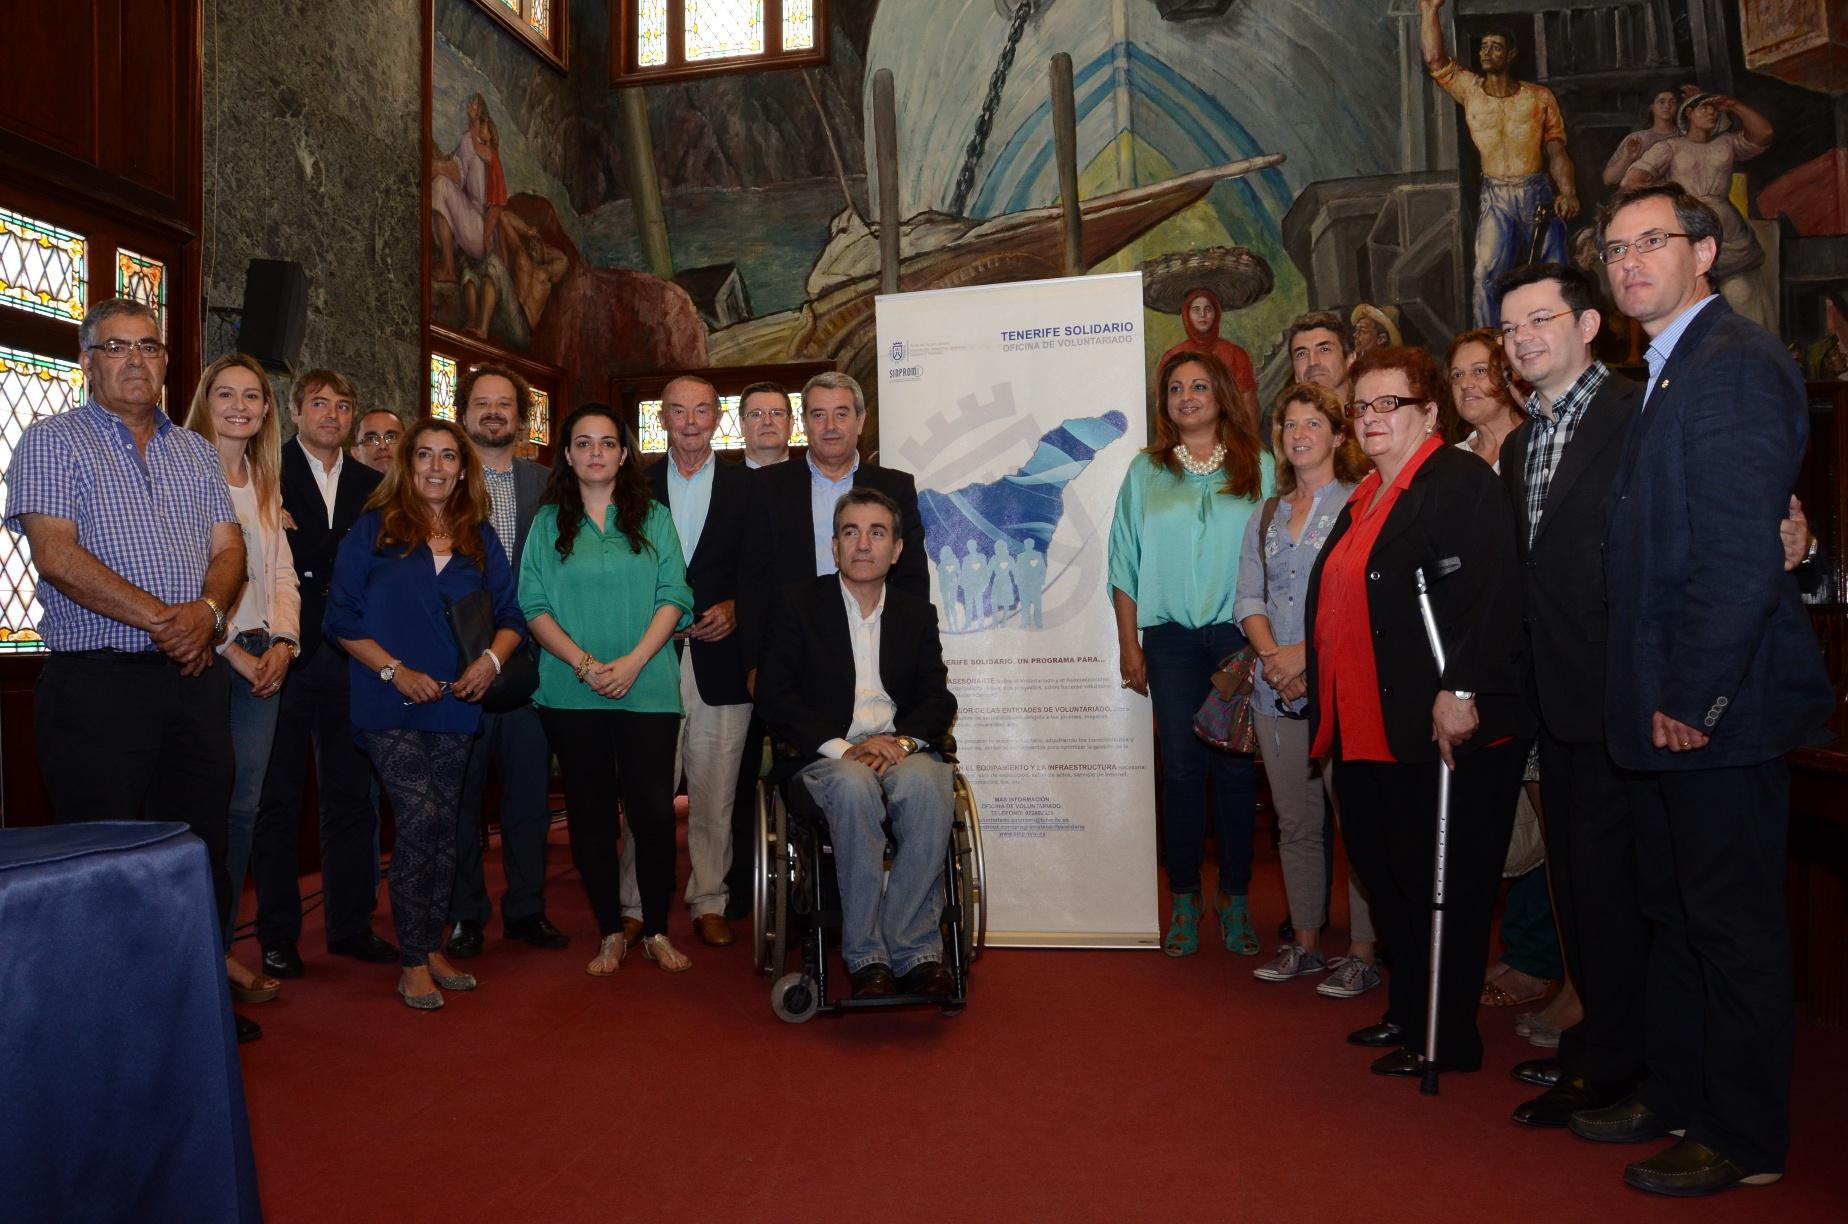 Tenerife Solidario-Semana Internacional Voluntariado